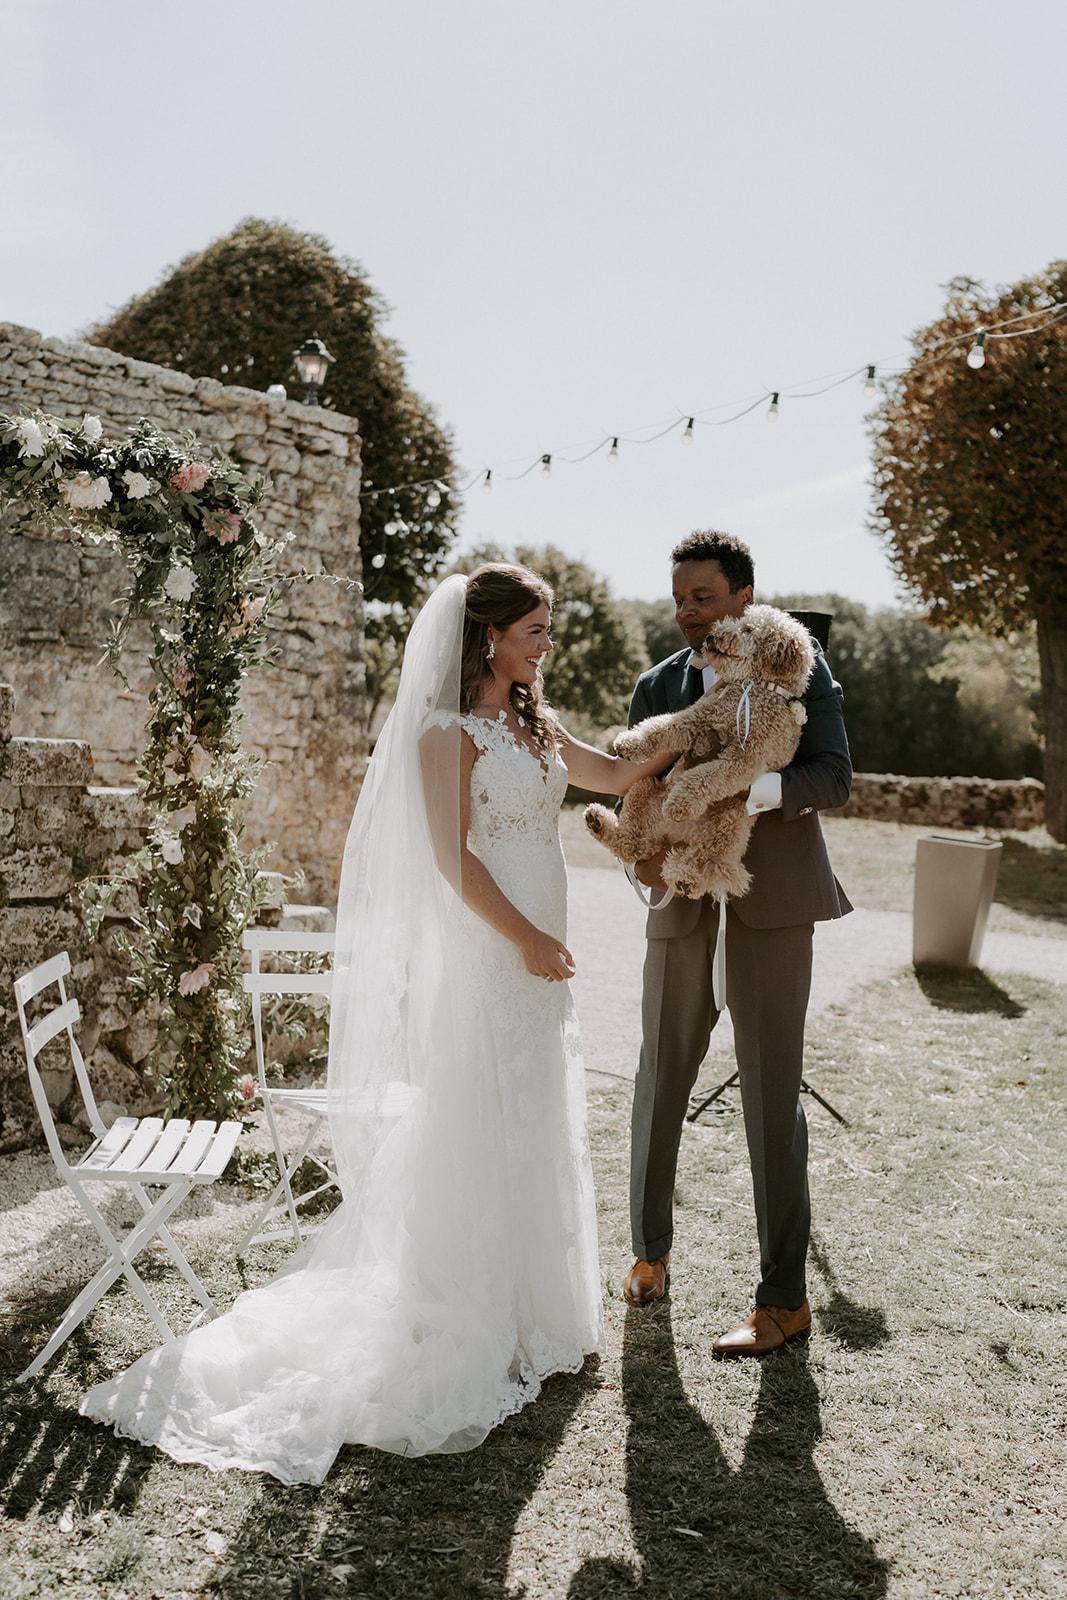 ceremonie-mariage-couple-authentique-heureux